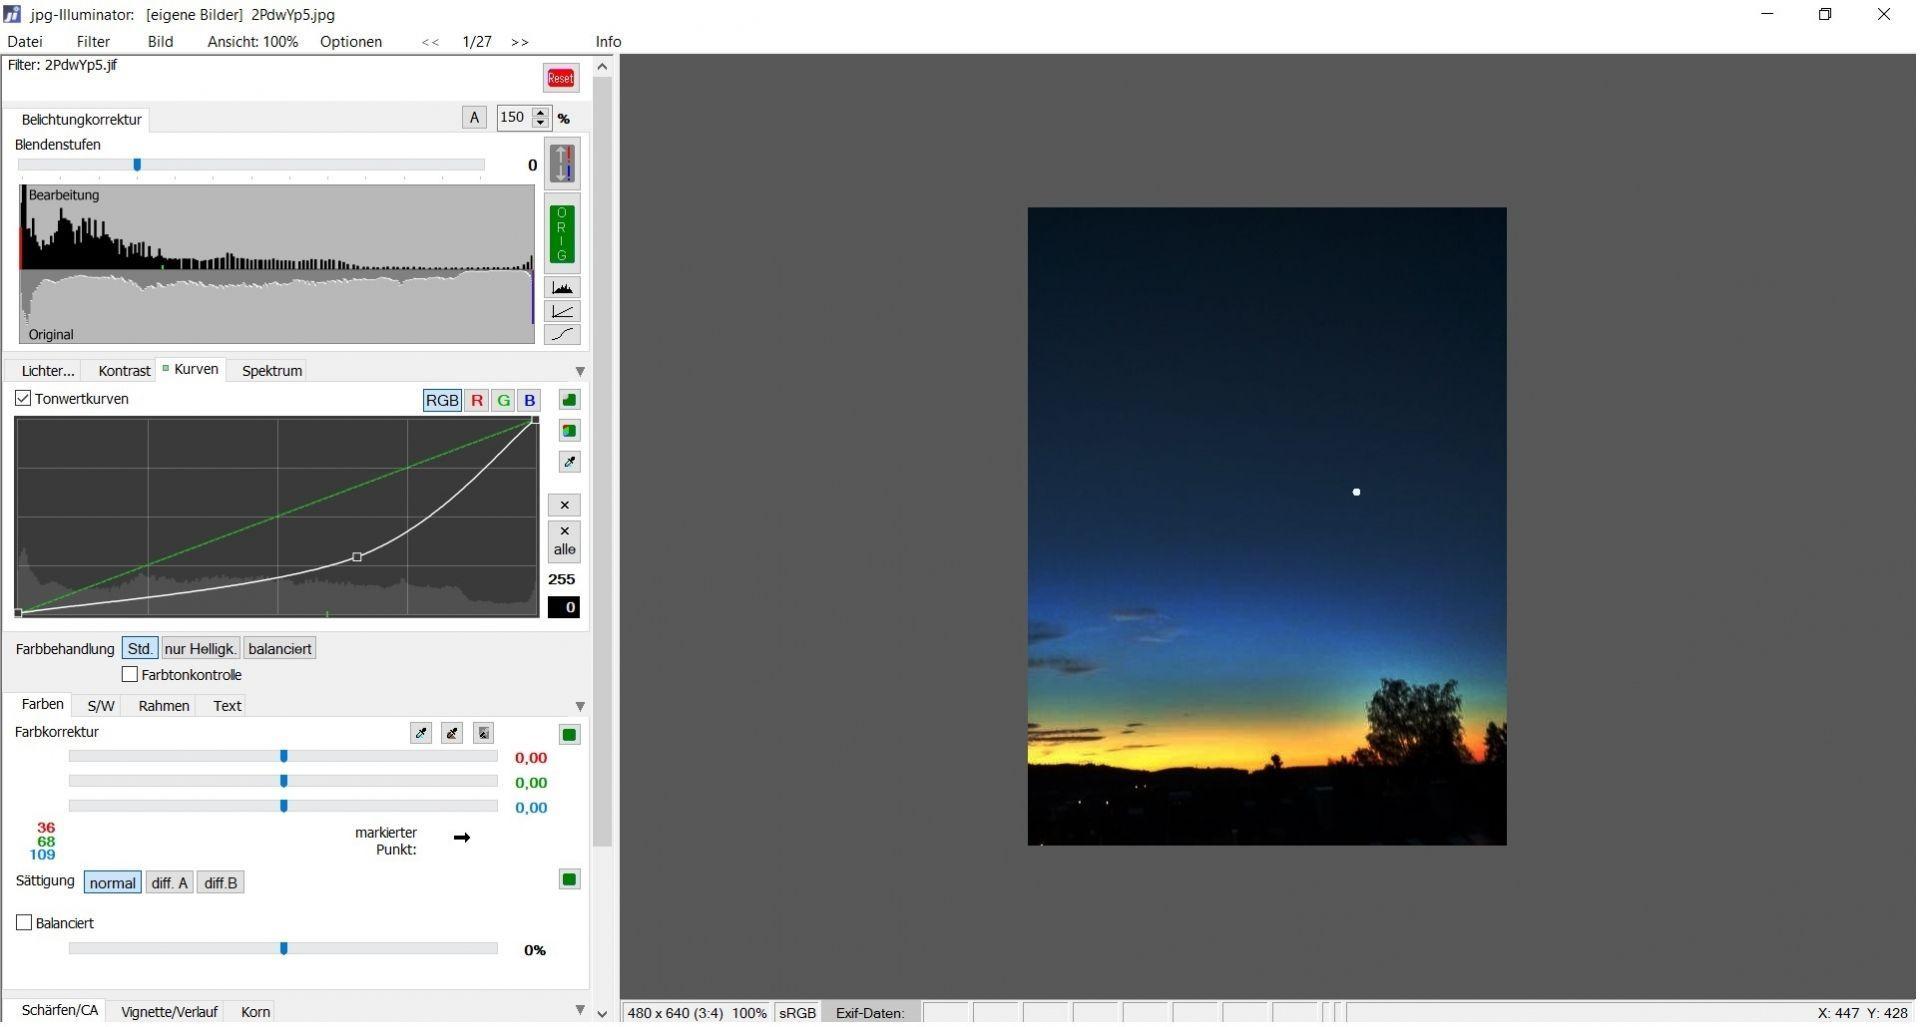 Bild: Morgenhimmel mit Venus